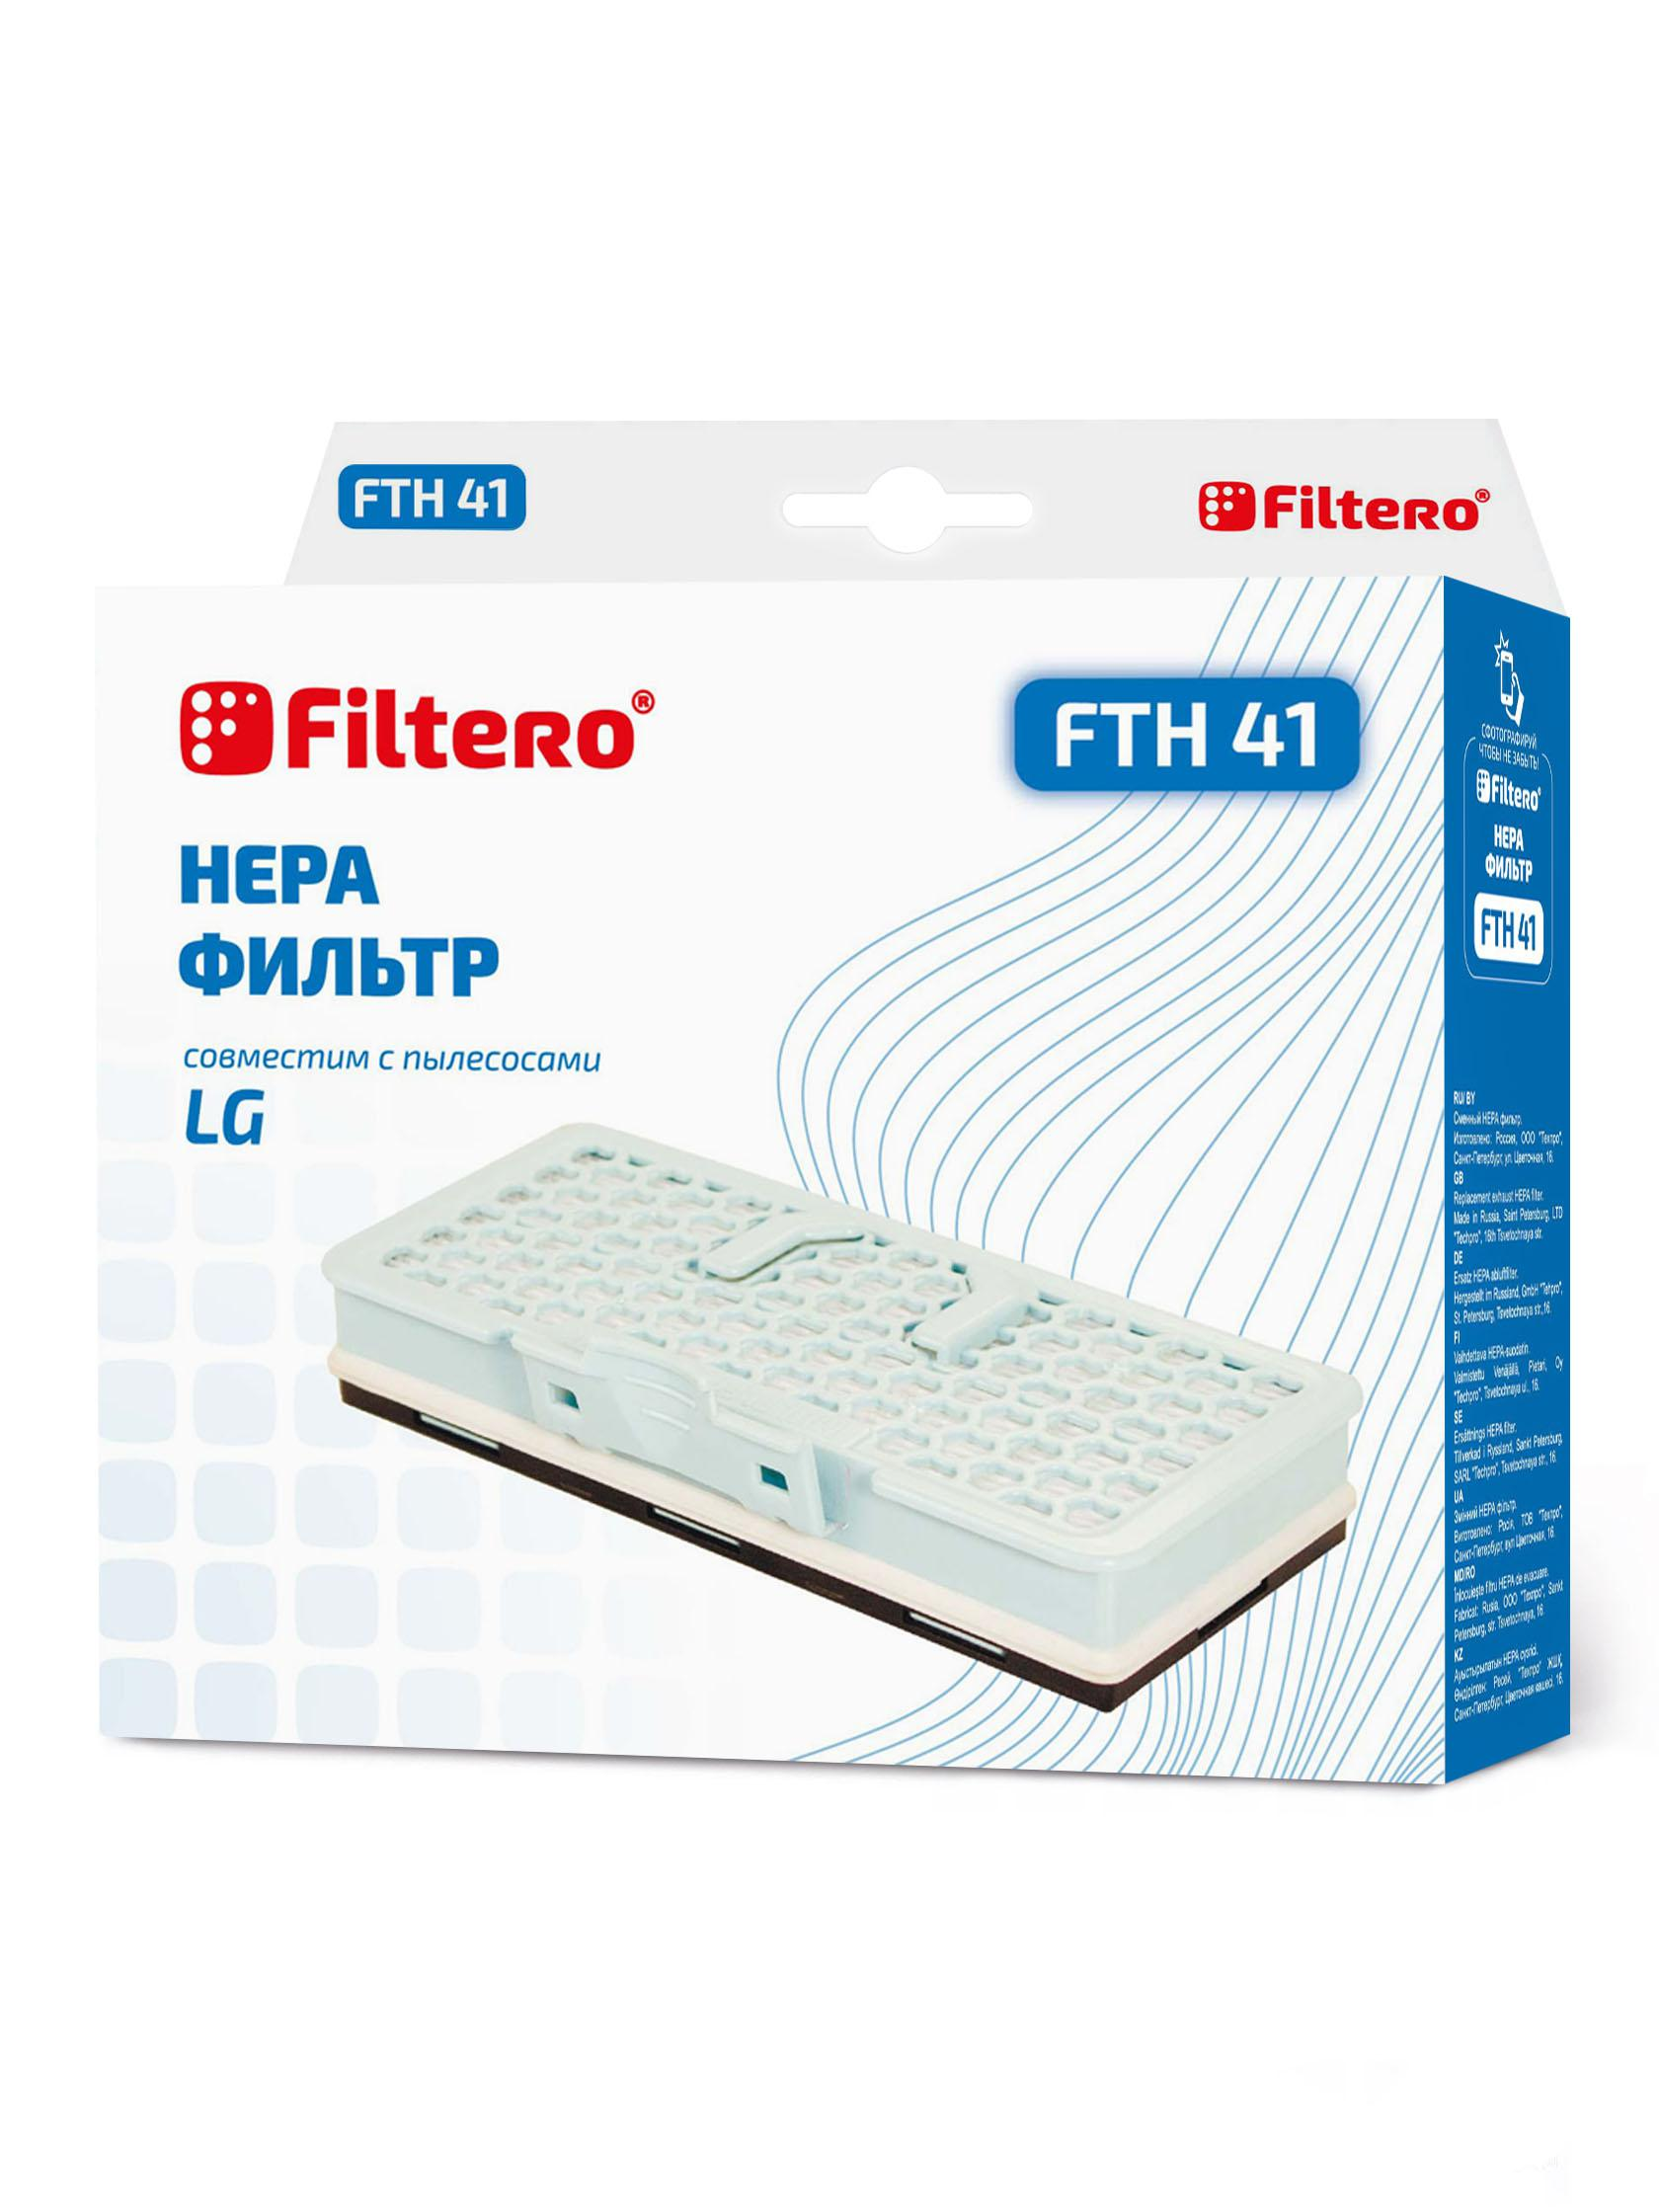 Фильтр Filtero Fth 41 hepa фильтр filtero fth 01 hepa фильтр